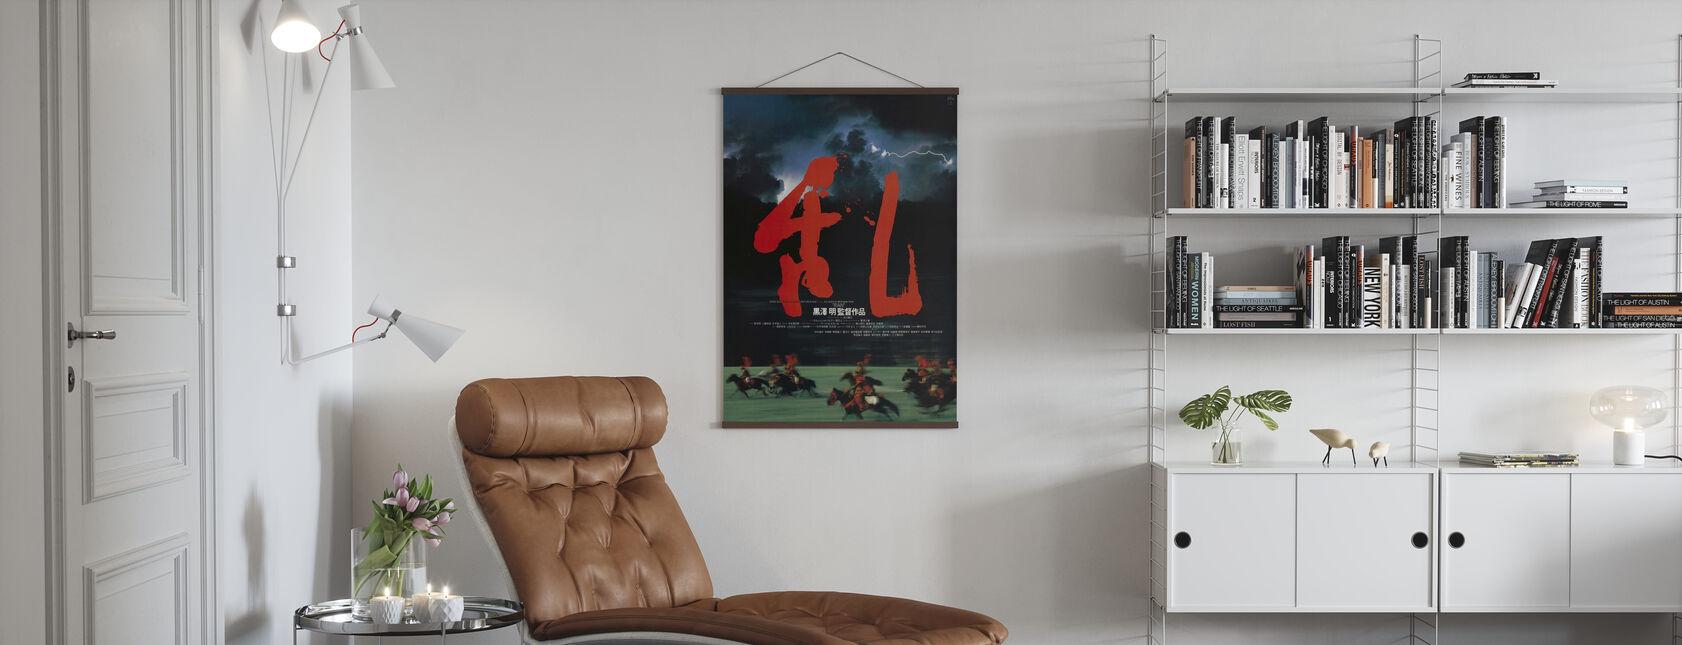 Corse - Poster - Salotto